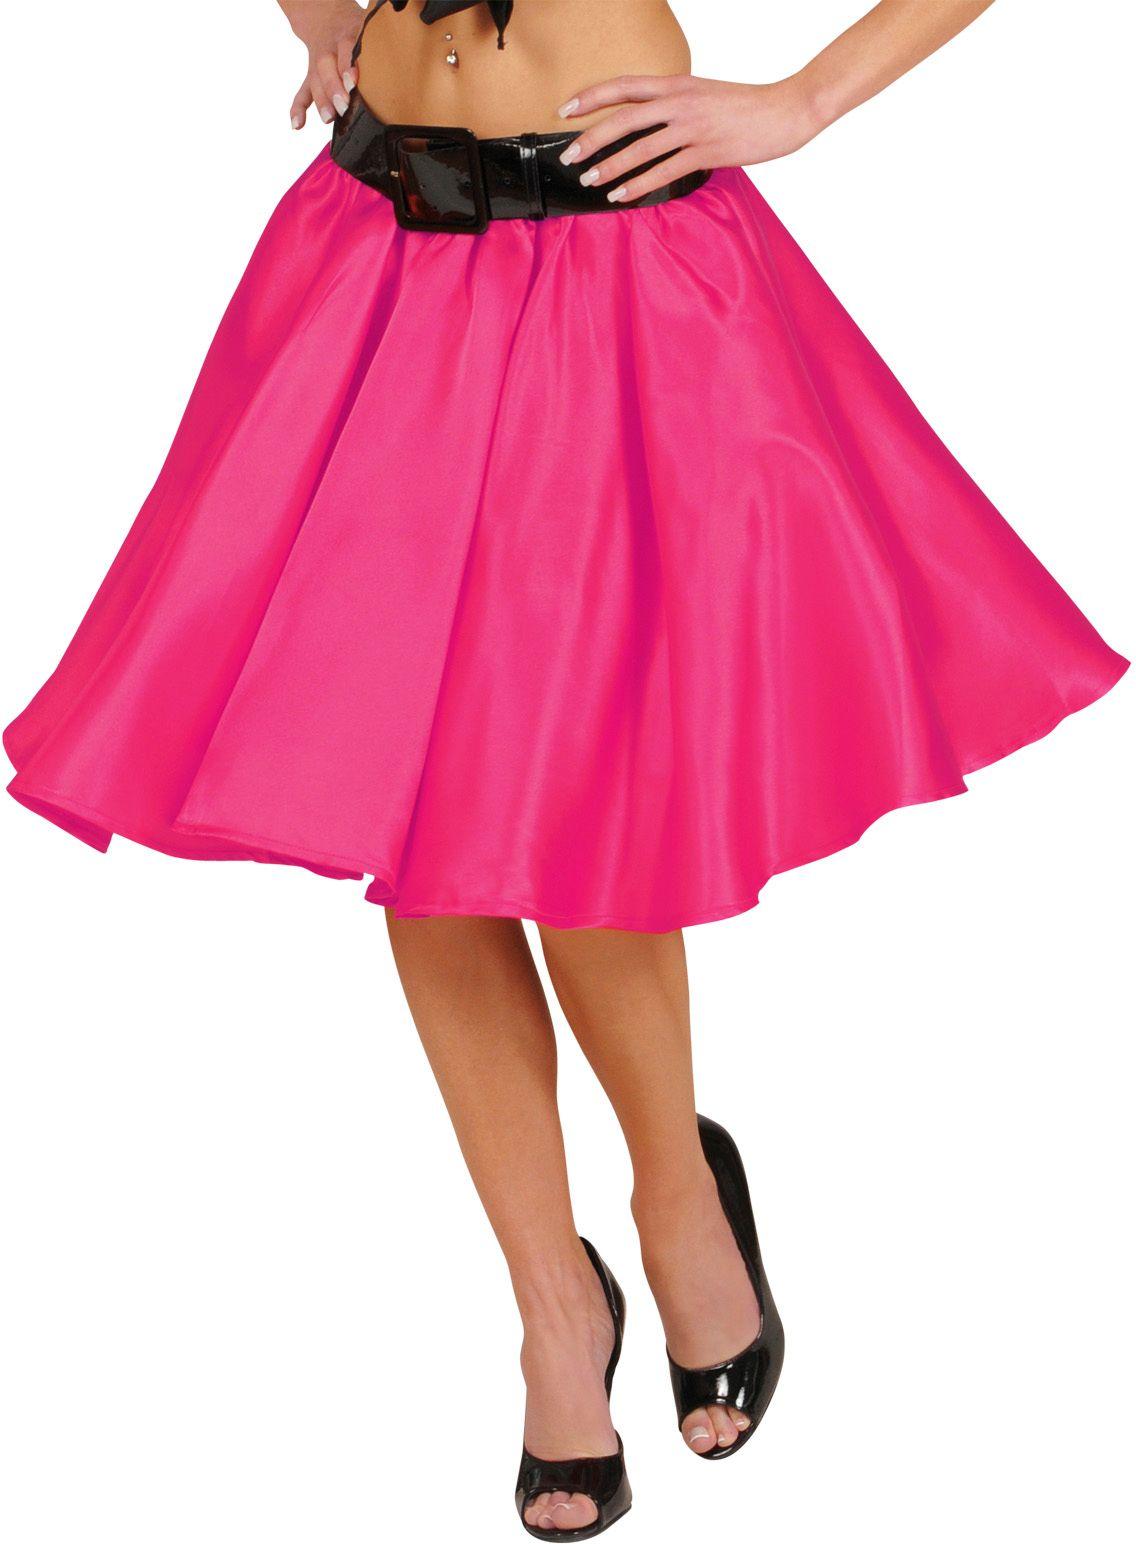 Roze satijnen rok met petticoat